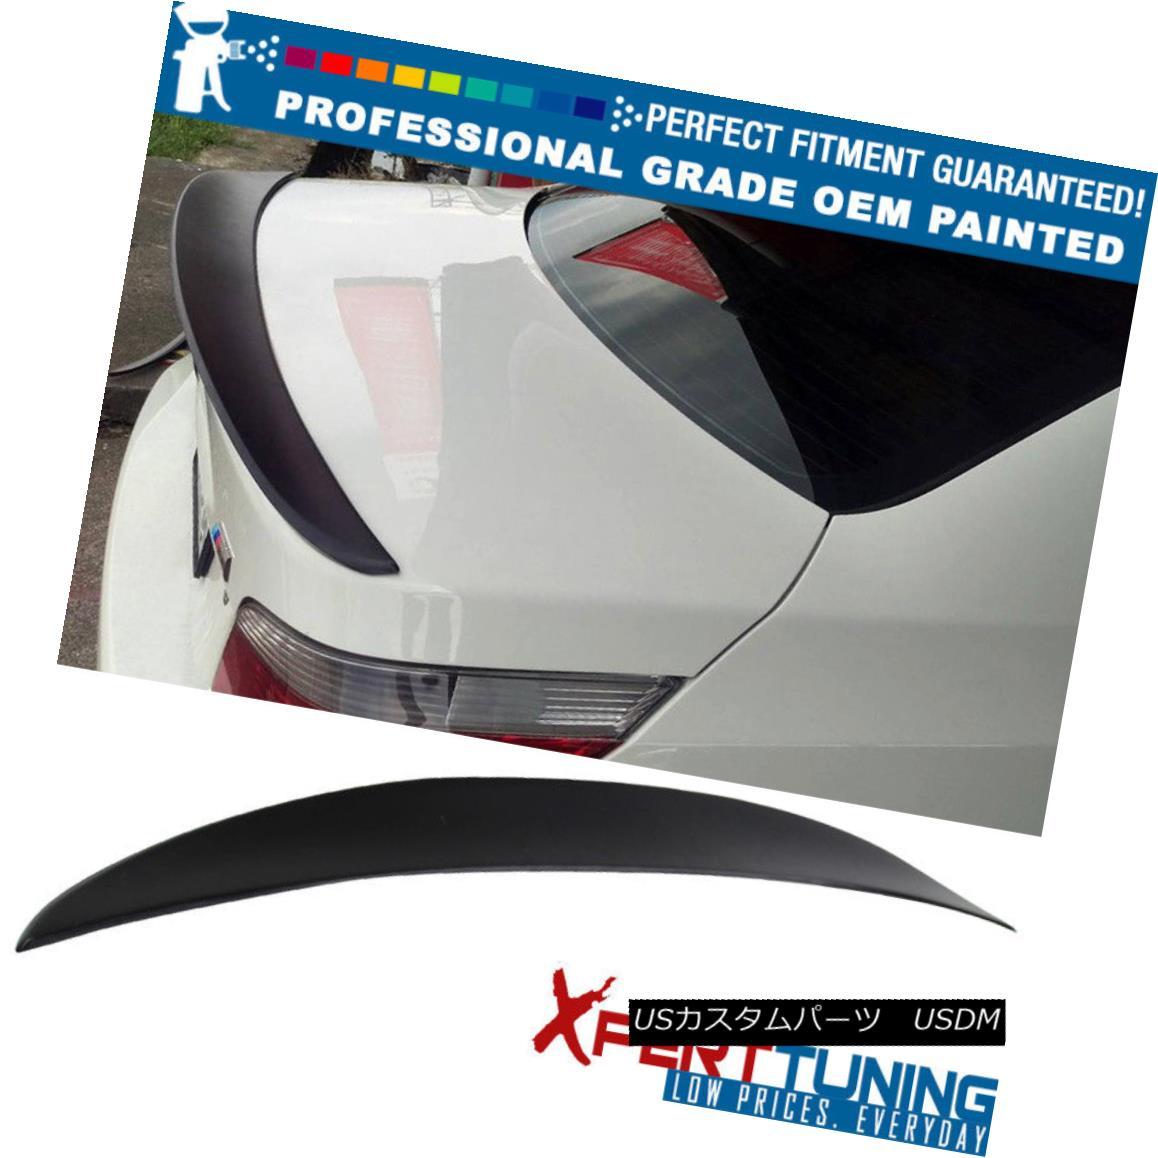 エアロパーツ Fits 04-10 5 Series E60 High Kick Performance Trunk Spoiler - OEM Painted Color フィット04-10 5シリーズE60ハイキックパフォーマンストランクスポイラー - OEM塗装色